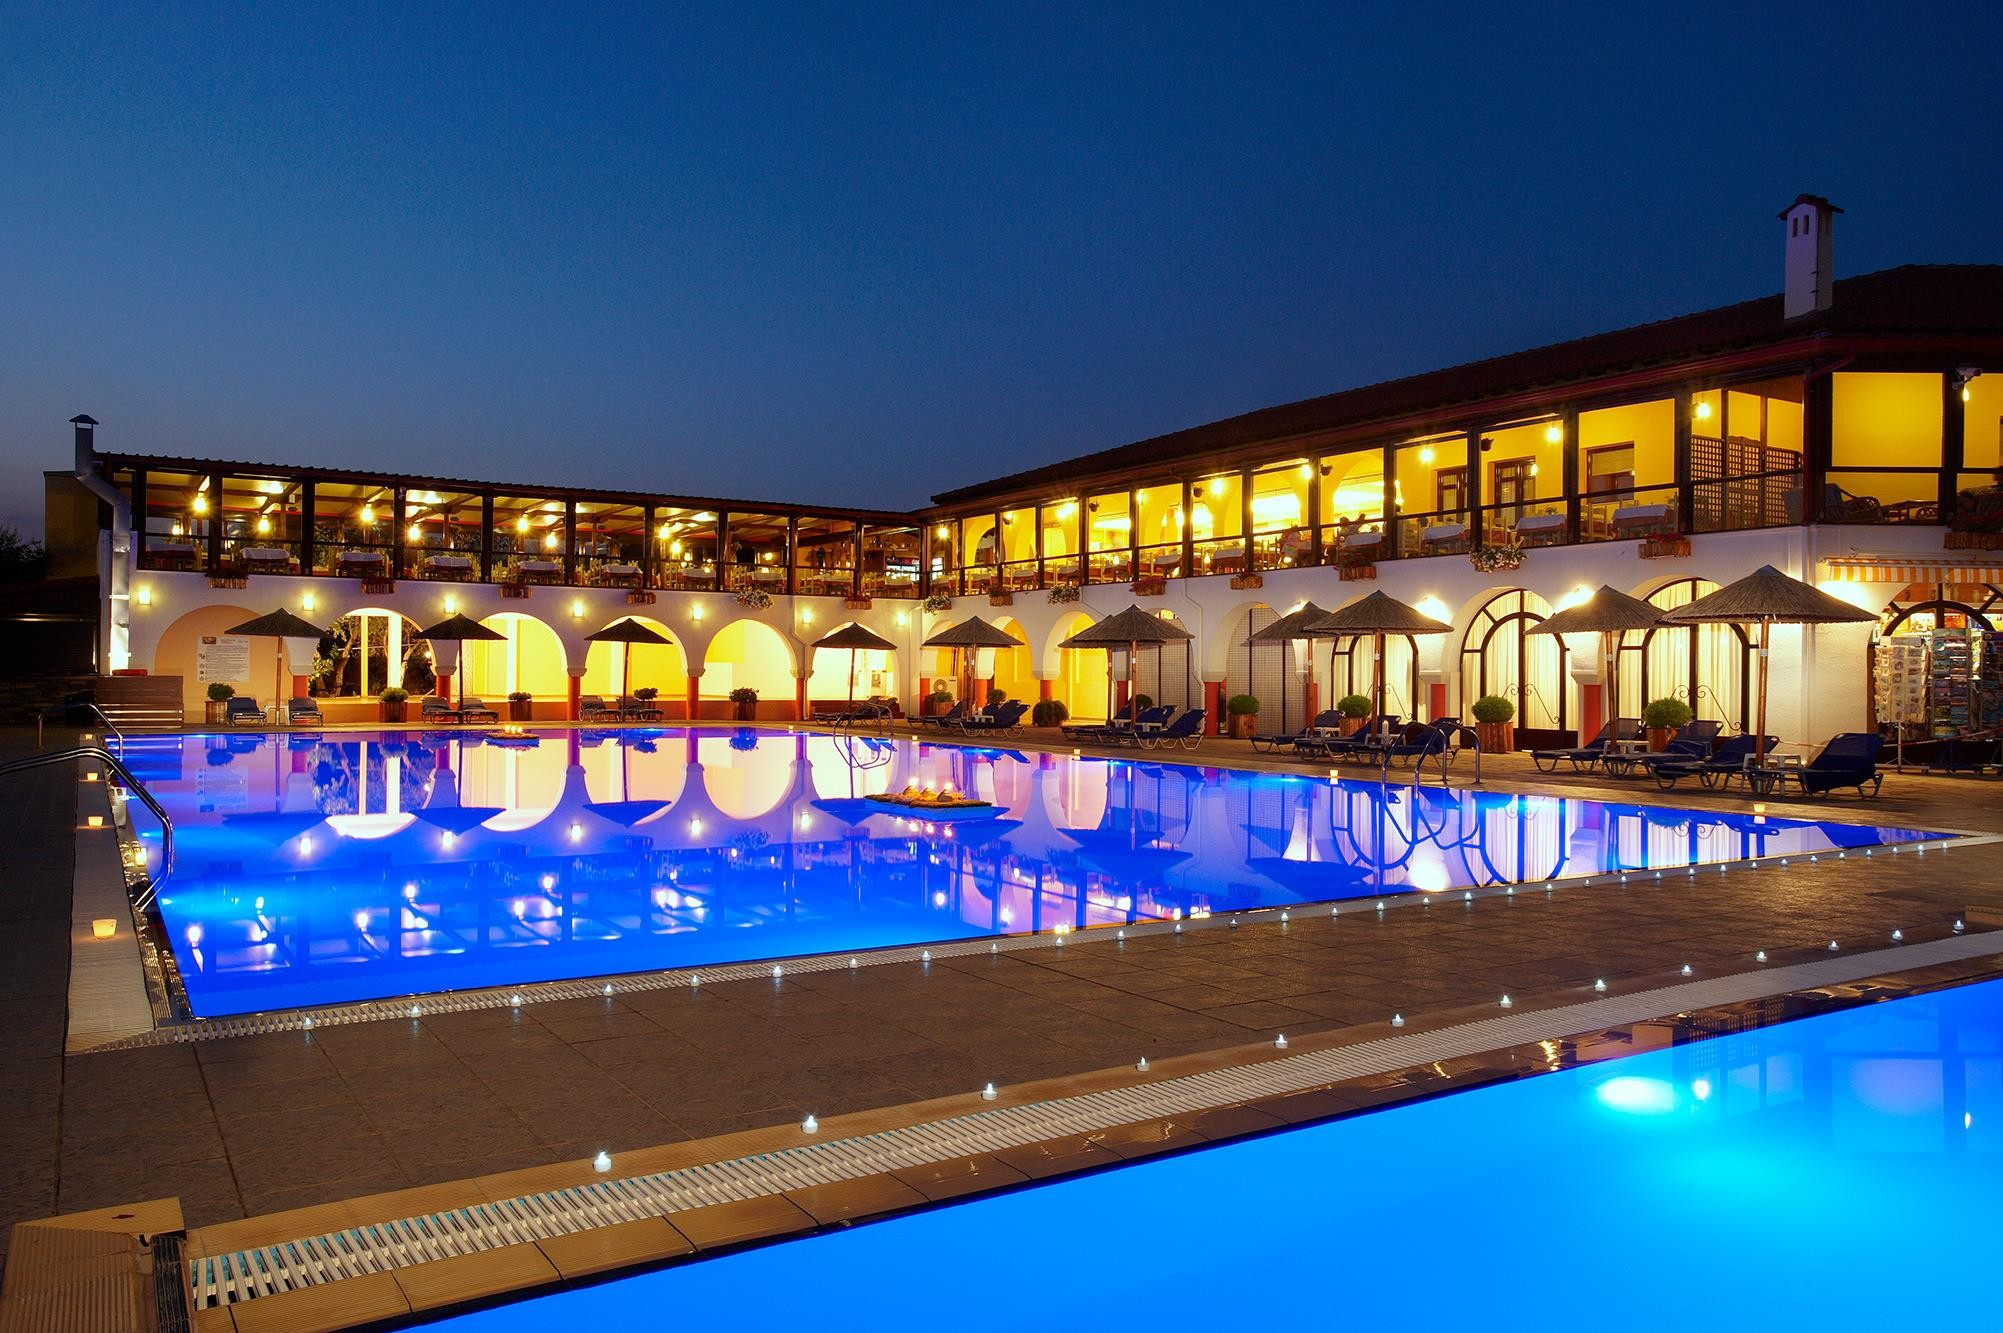 Blue Dolphin Hotel - басейн, вечер